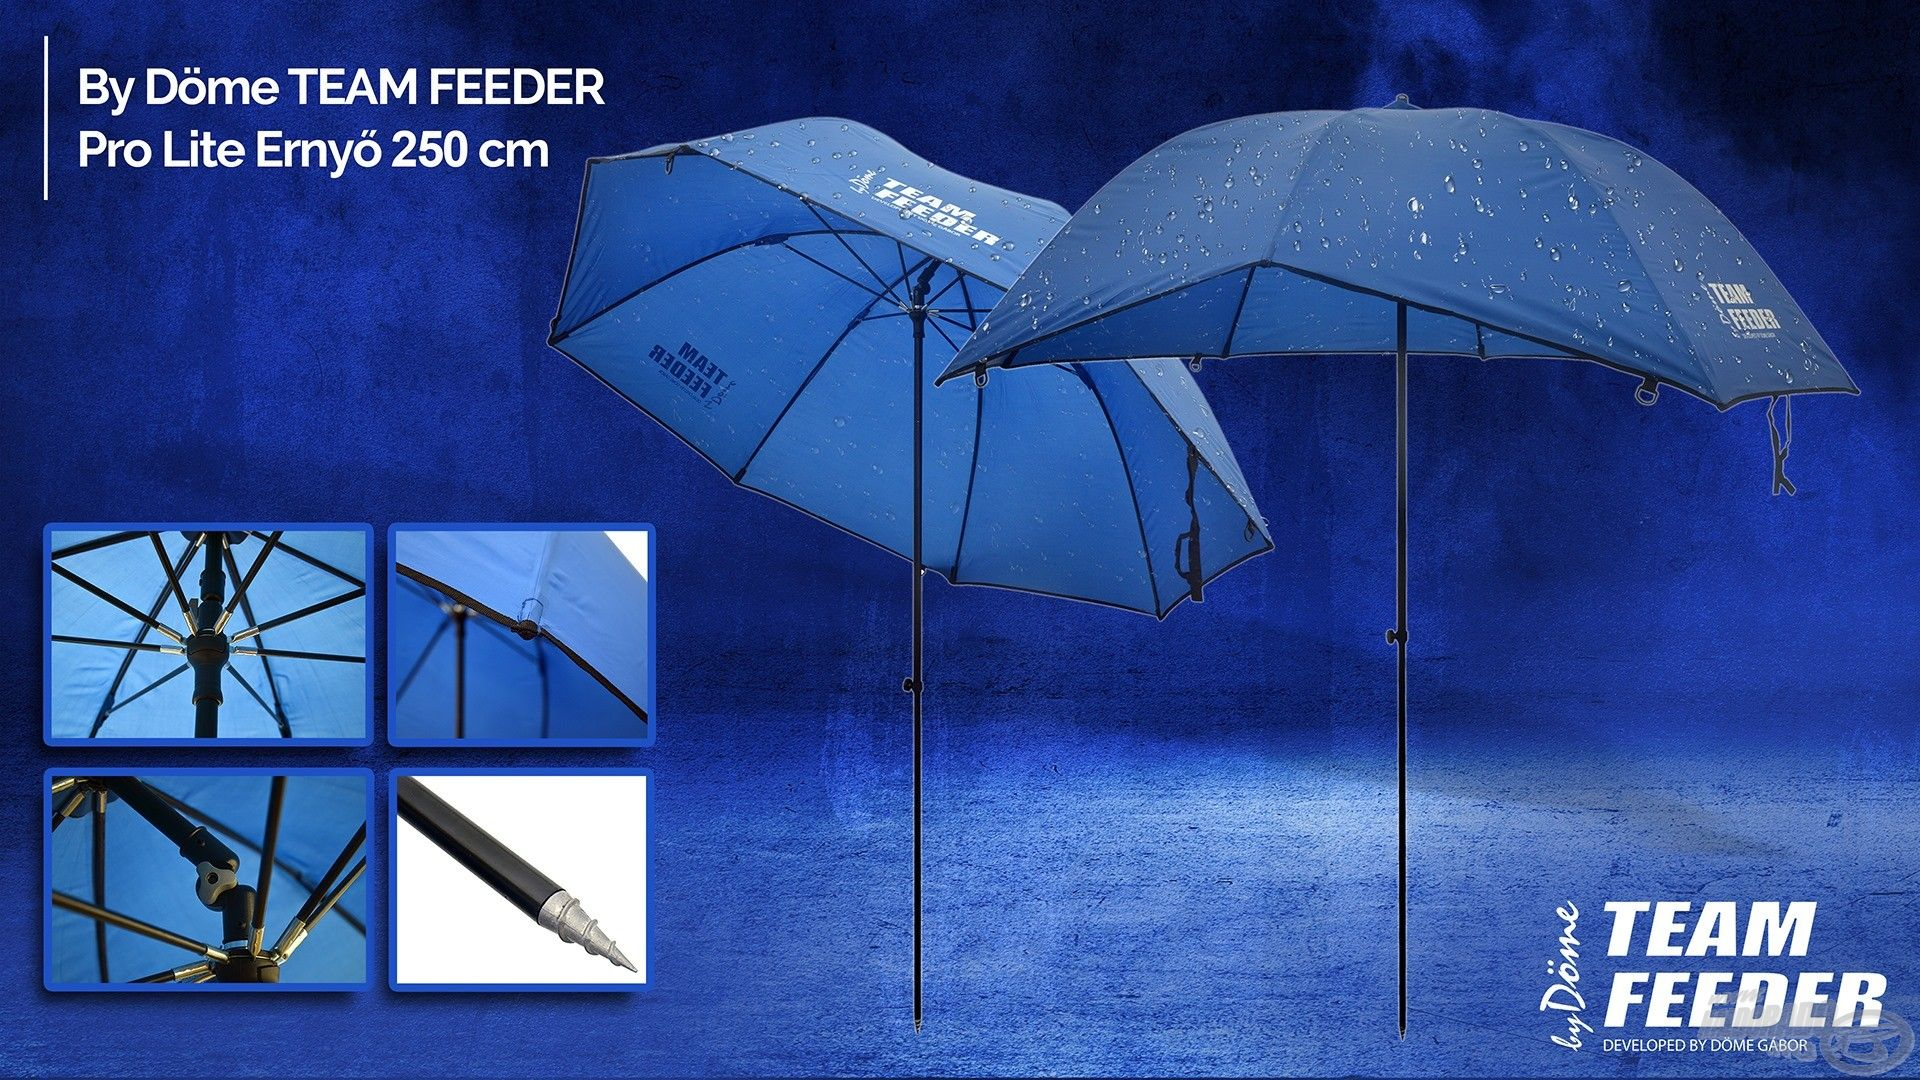 A 250 cm átmérőjű TEAM FEEDER Pro Lite ernyő elég nagy ahhoz, hogy akár másodmagaddal is elférj alatta, és ami további előnyös tulajdonsága, hogy dönthető állású, így akár dobni is lehet alóla!